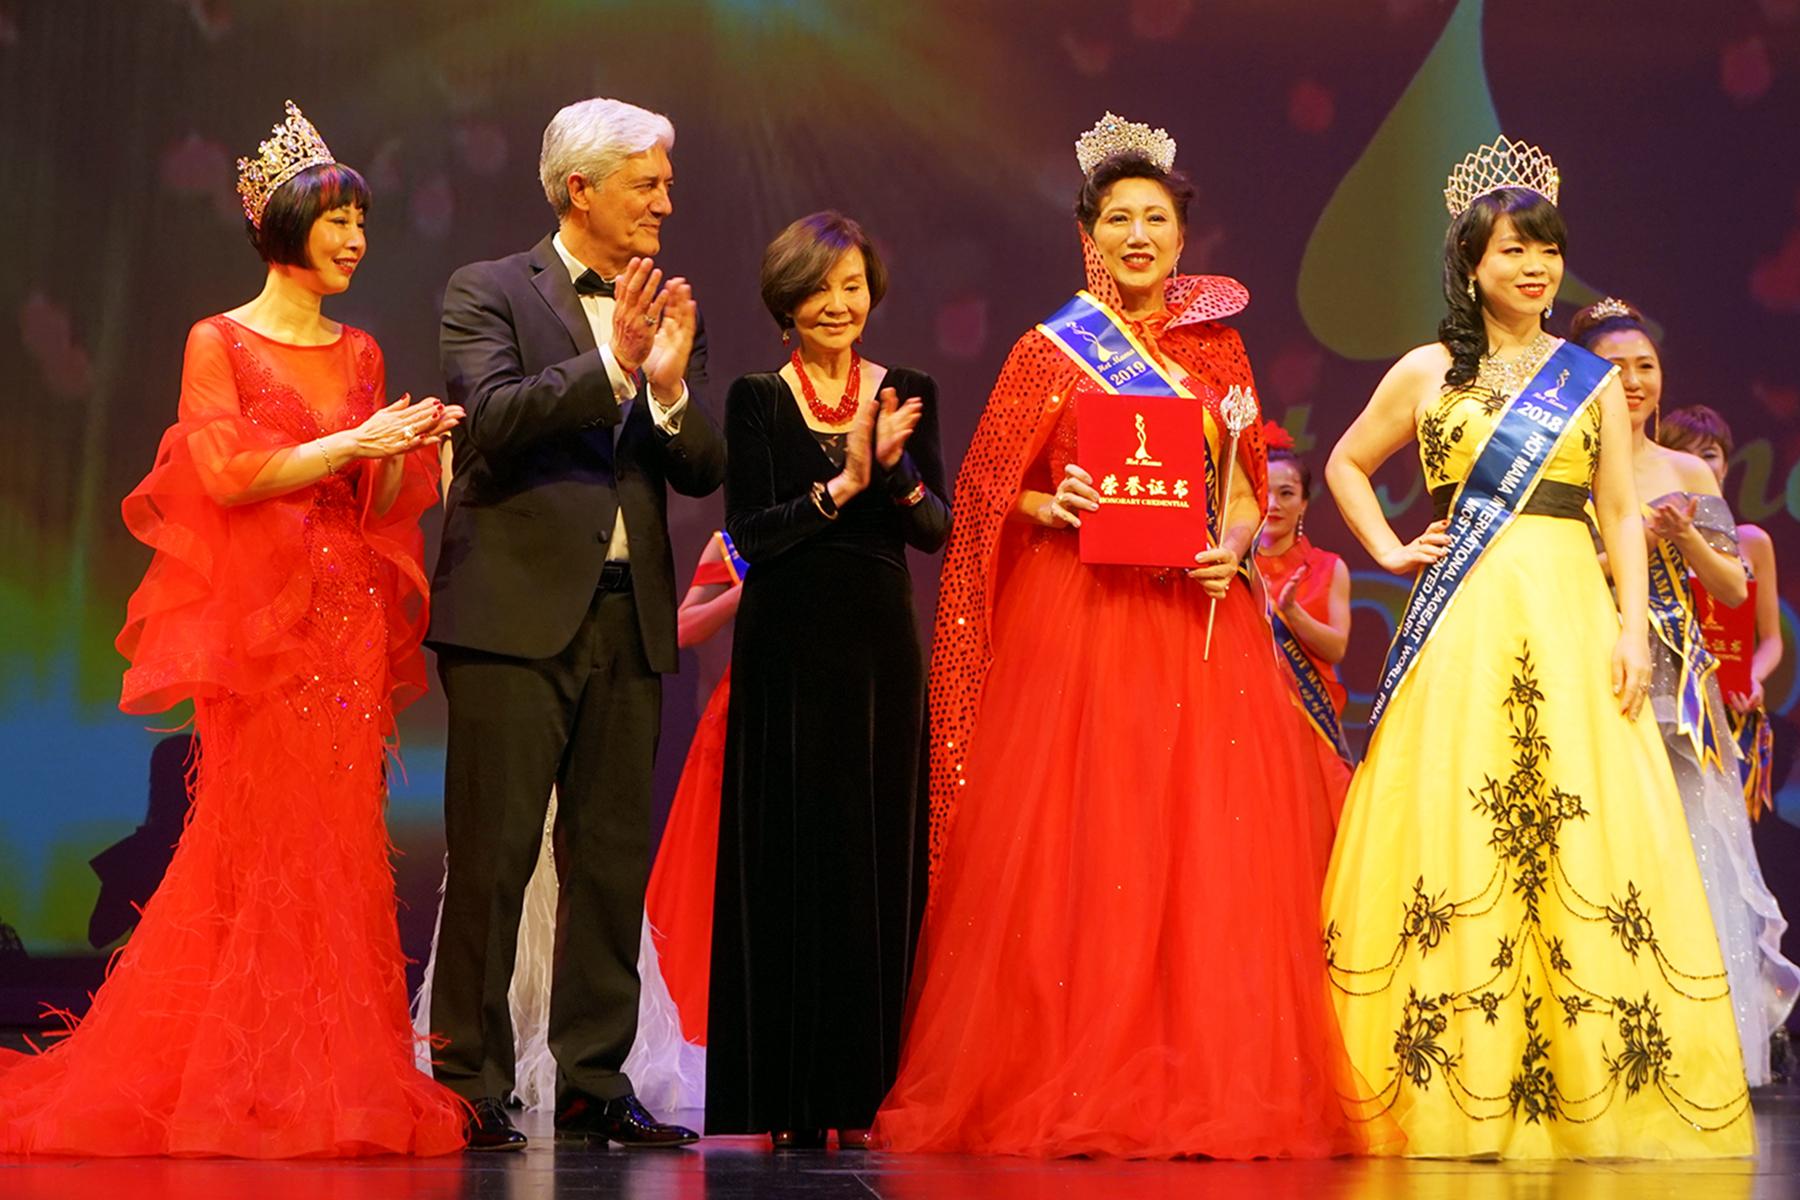 台灣著名影星歸亞蕾(左三)頒獎給獲得優雅組冠軍的加拿大選手殷伯英(右二)。